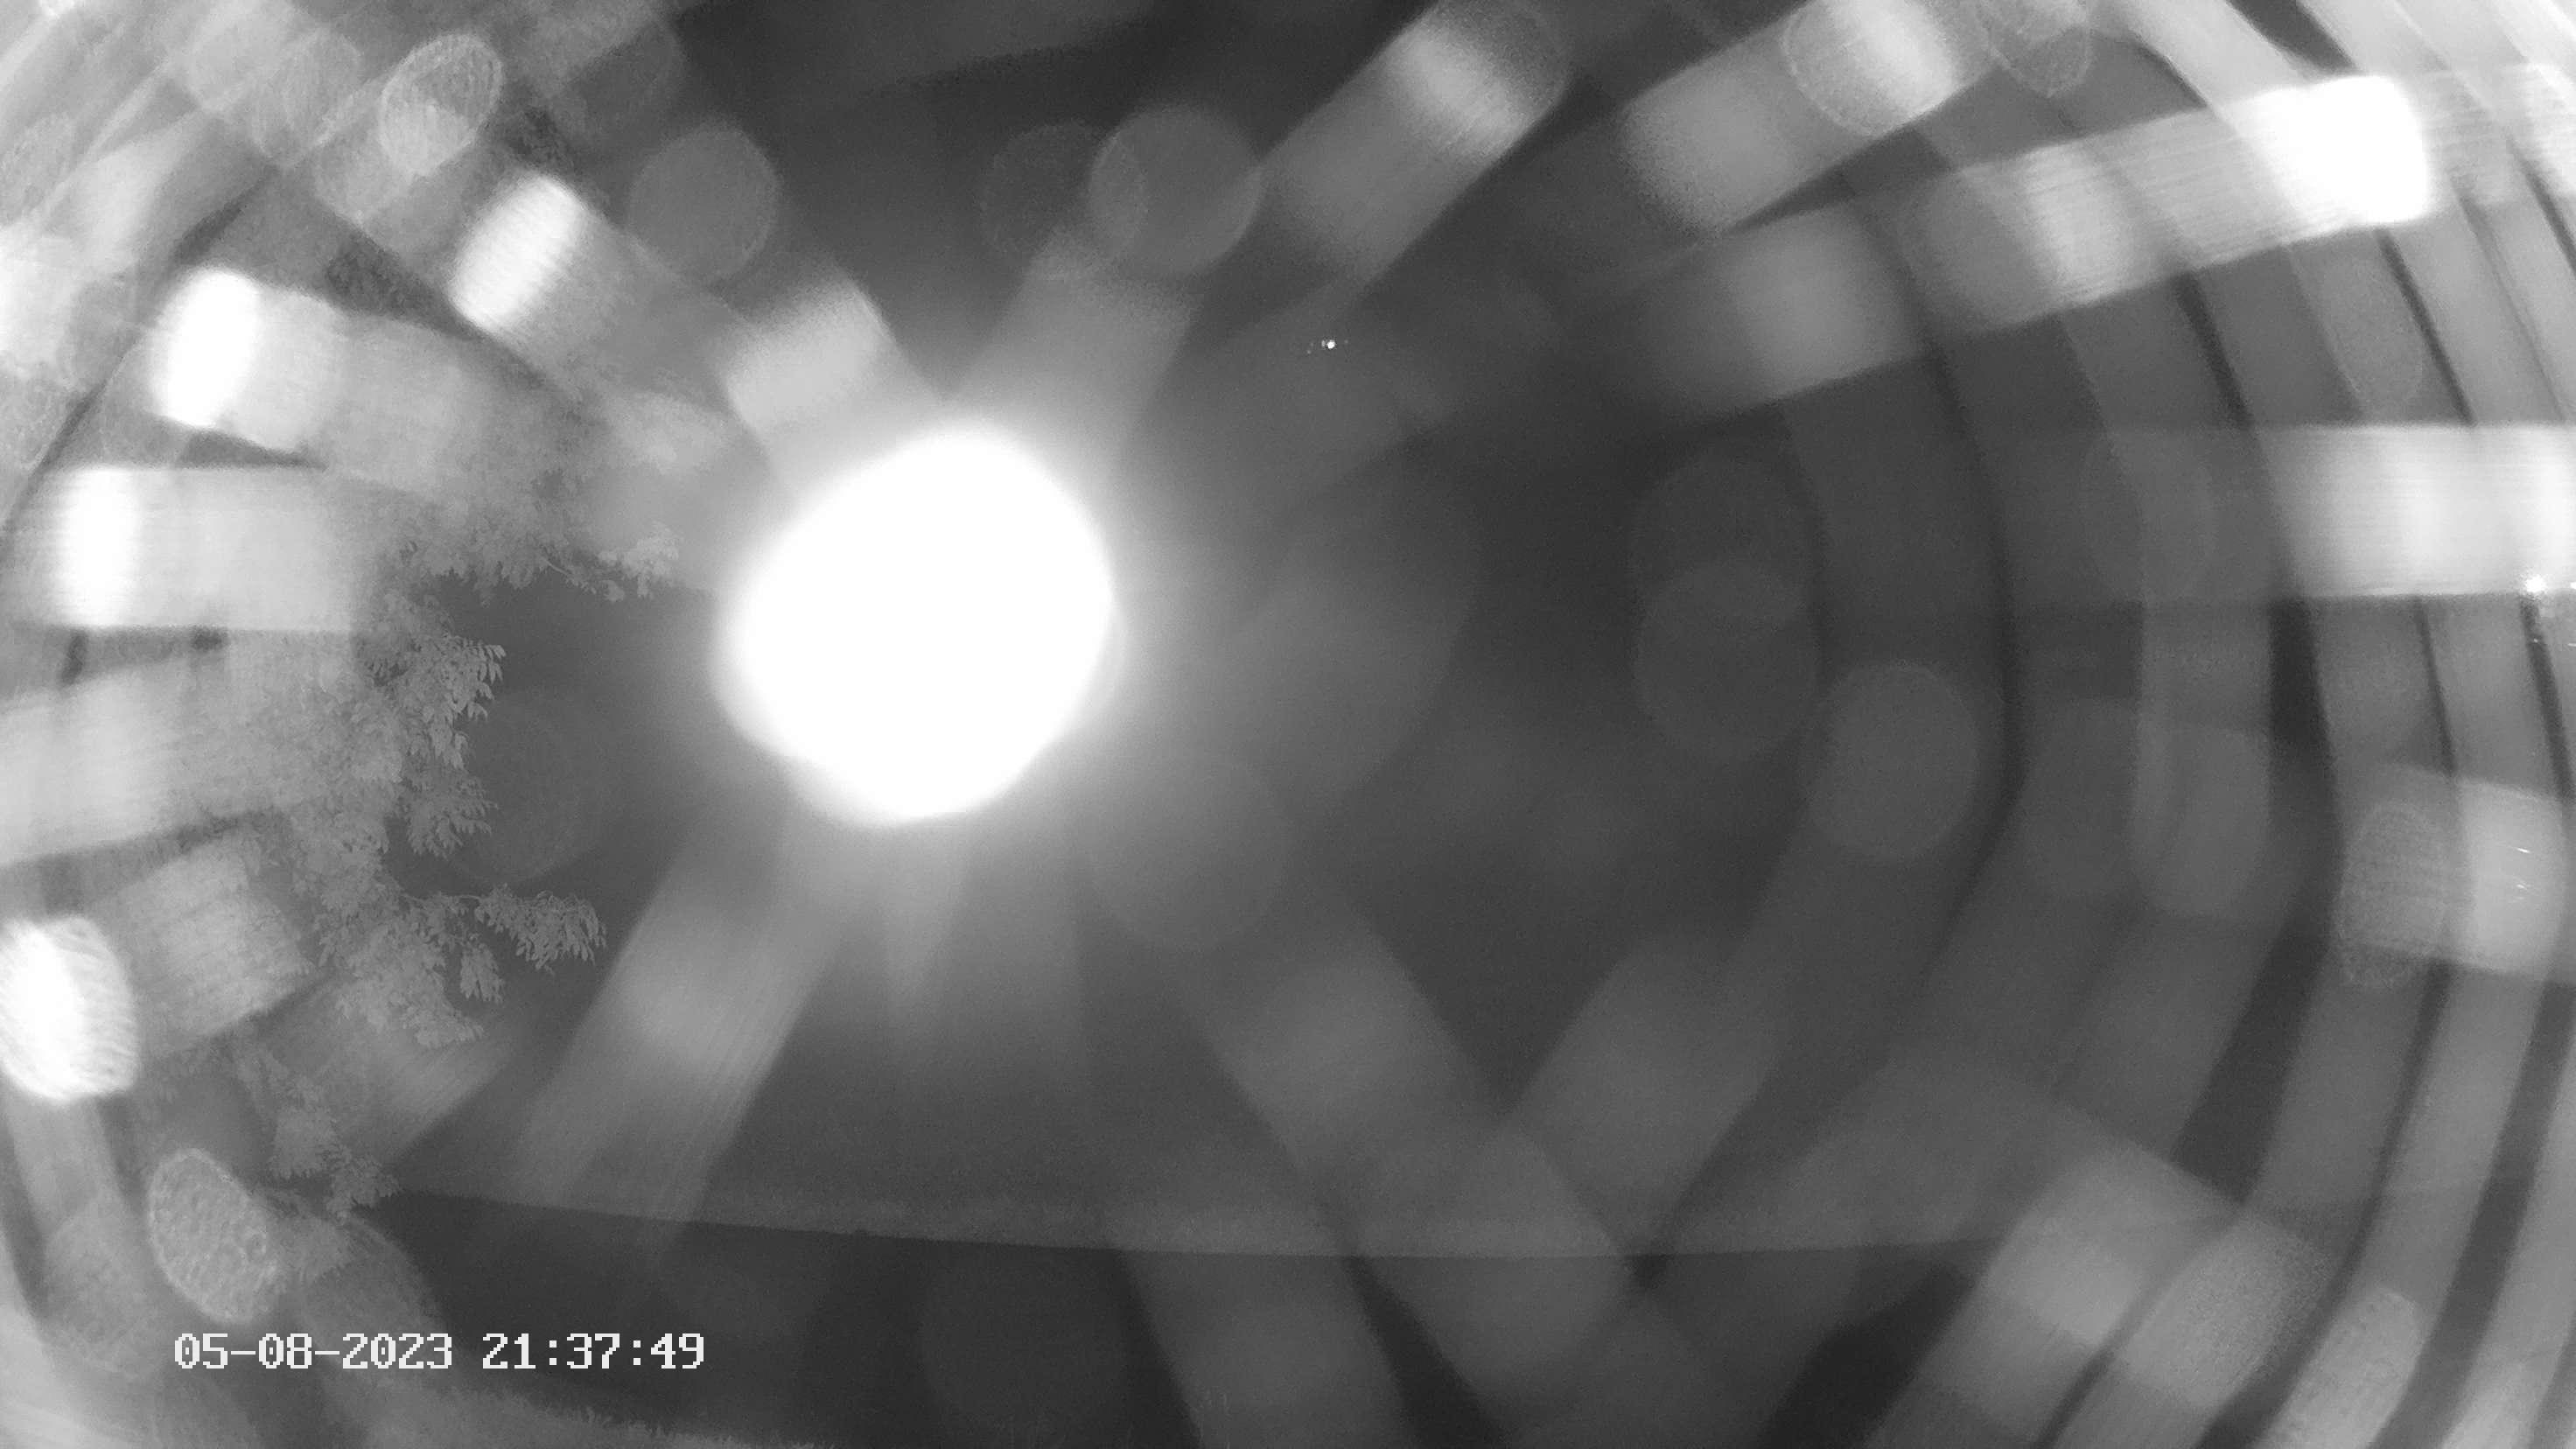 Kletterausrüstung Ausleihen Innsbruck : Kötschach mauthen sport & erlebnis klettern urlaub in kärnten